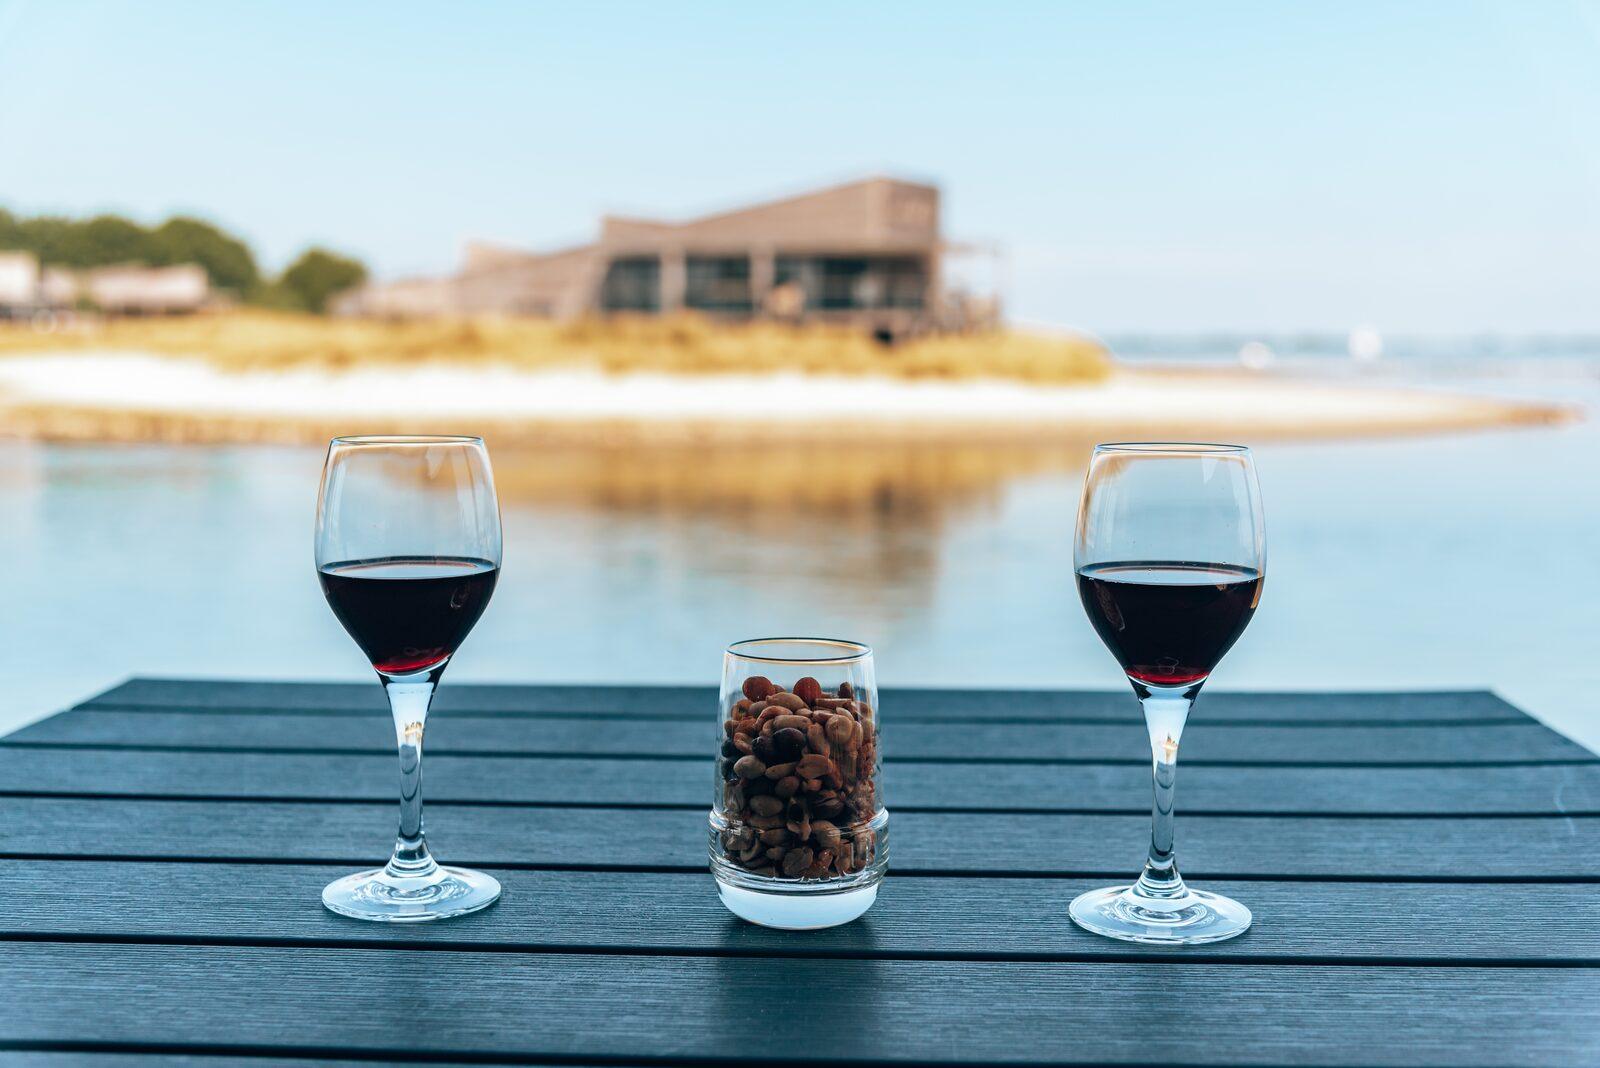 Wijn en nootjes met uitzicht